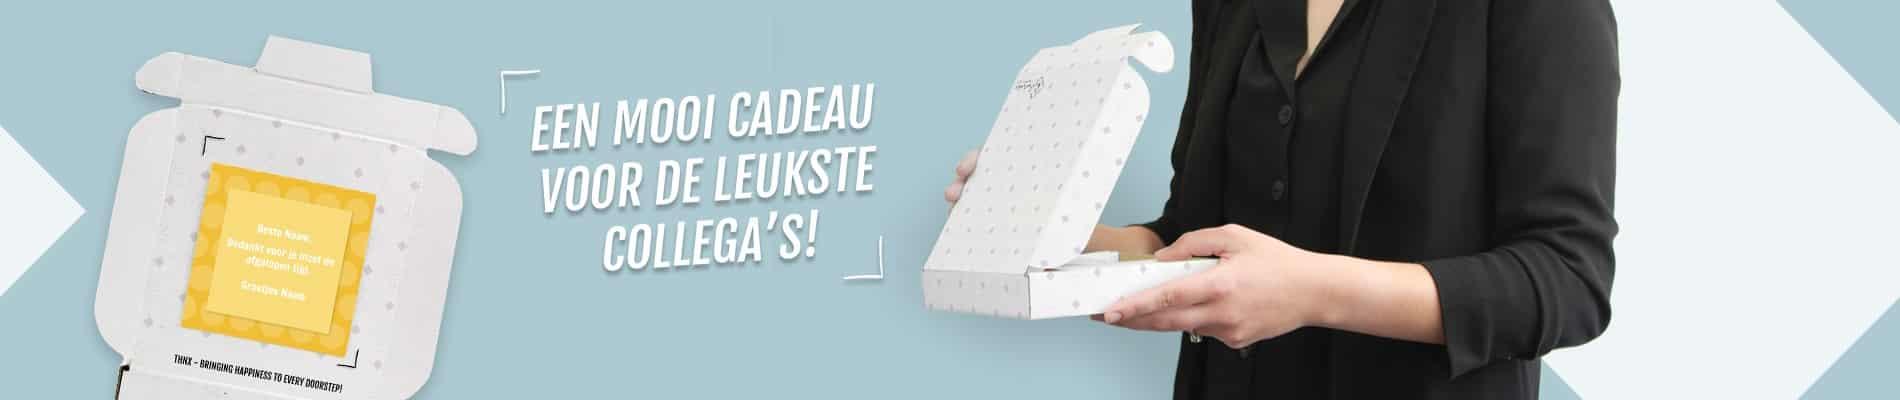 collega-cadeau-brievenbus-thnx